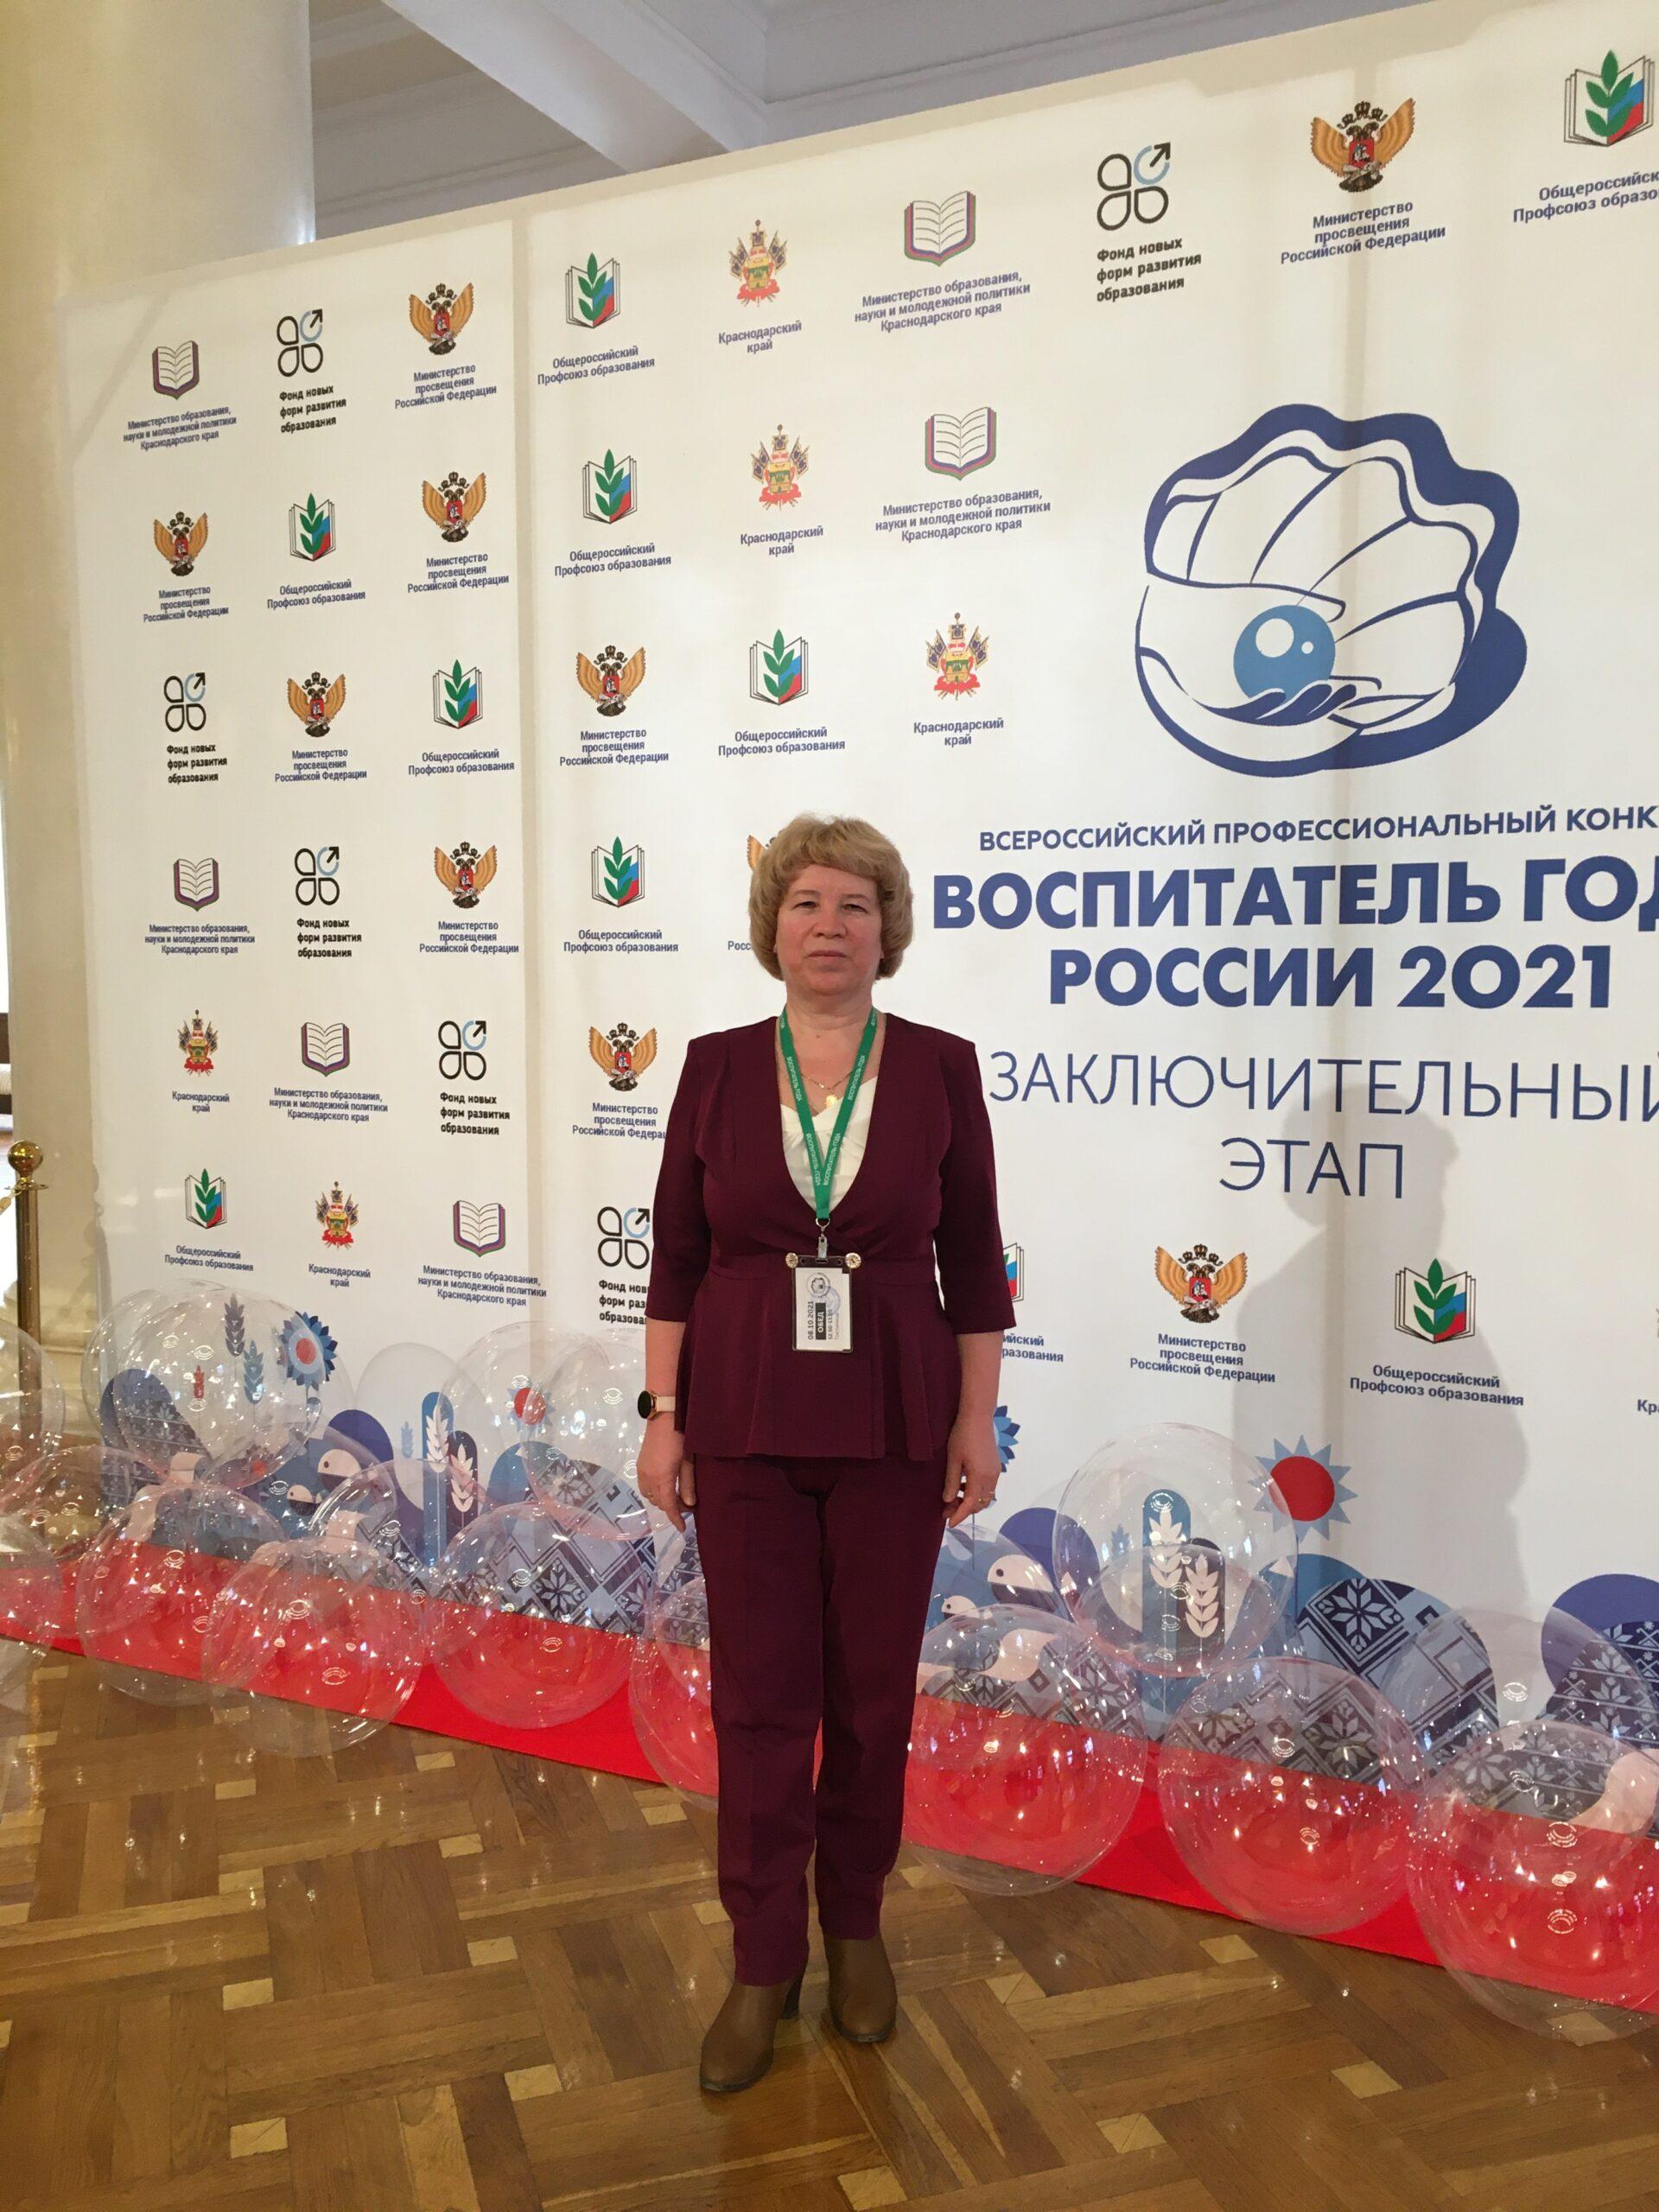 Профессор МарГУ – член жюри Всероссийского профессионального конкурса «Воспитатель года России - 2021»